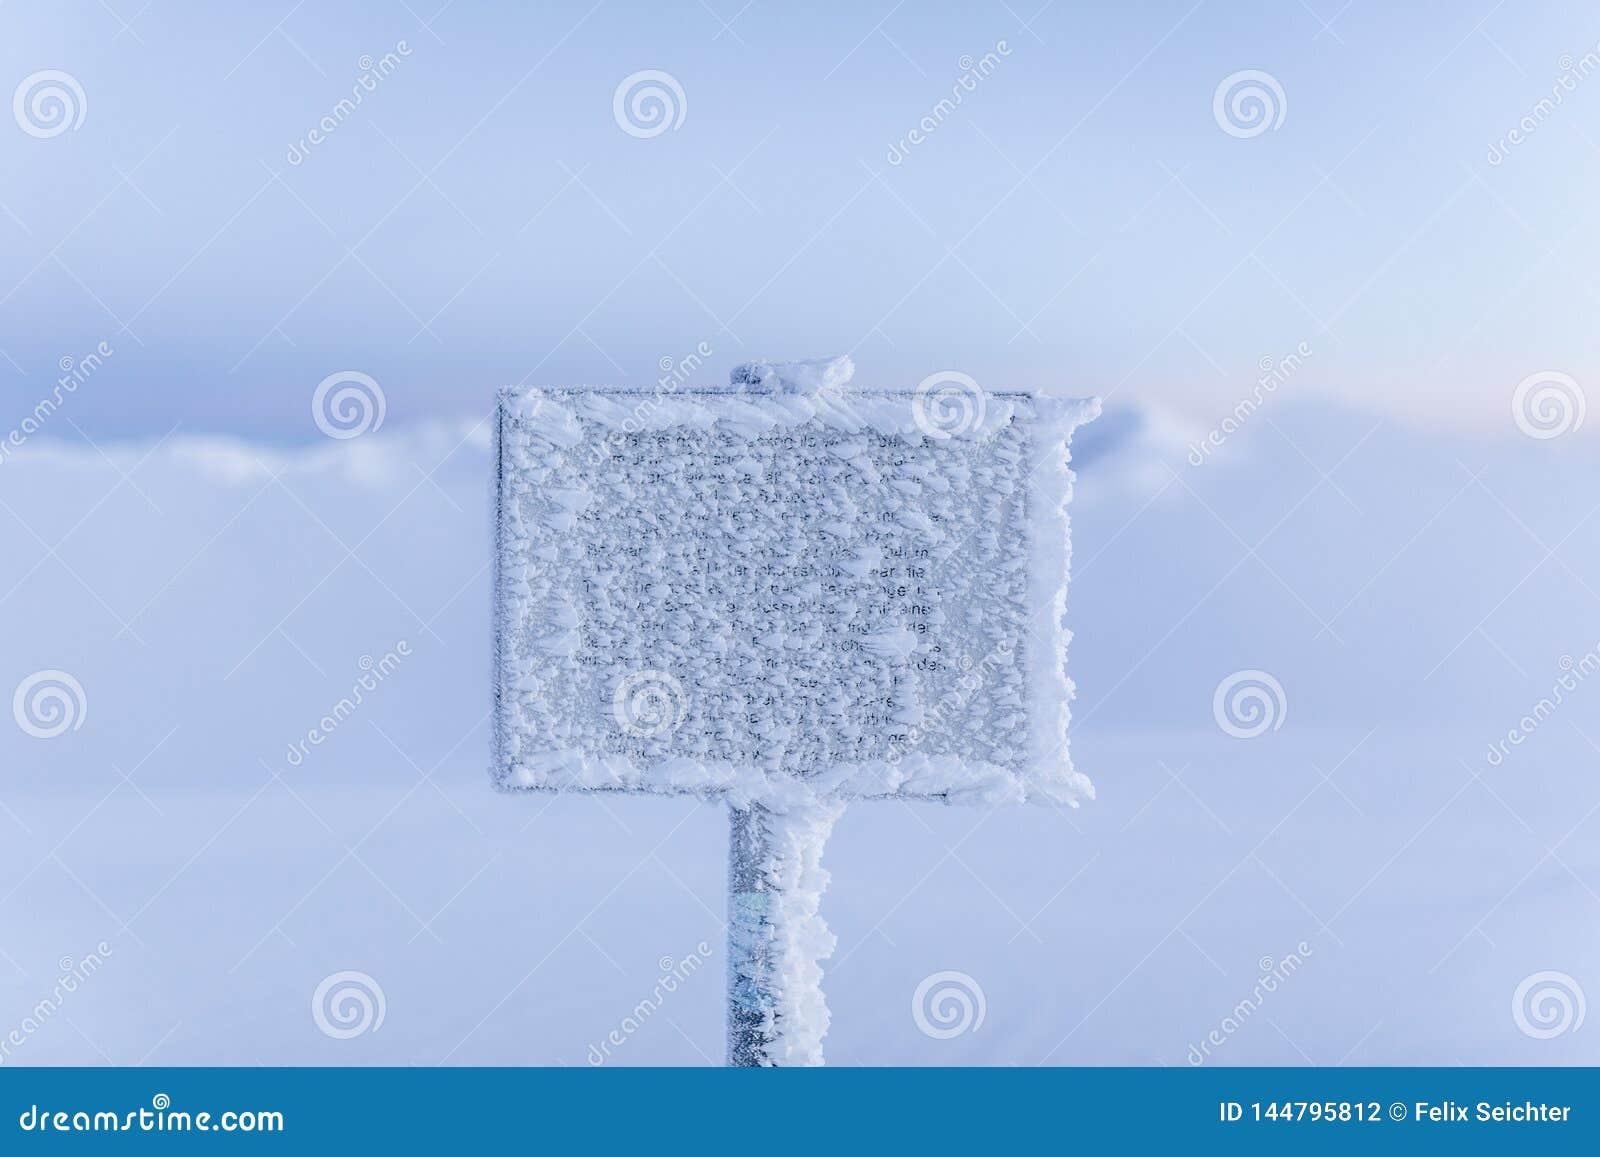 Sinal de aviso congelado na montanha nevoenta no tempo de inverno